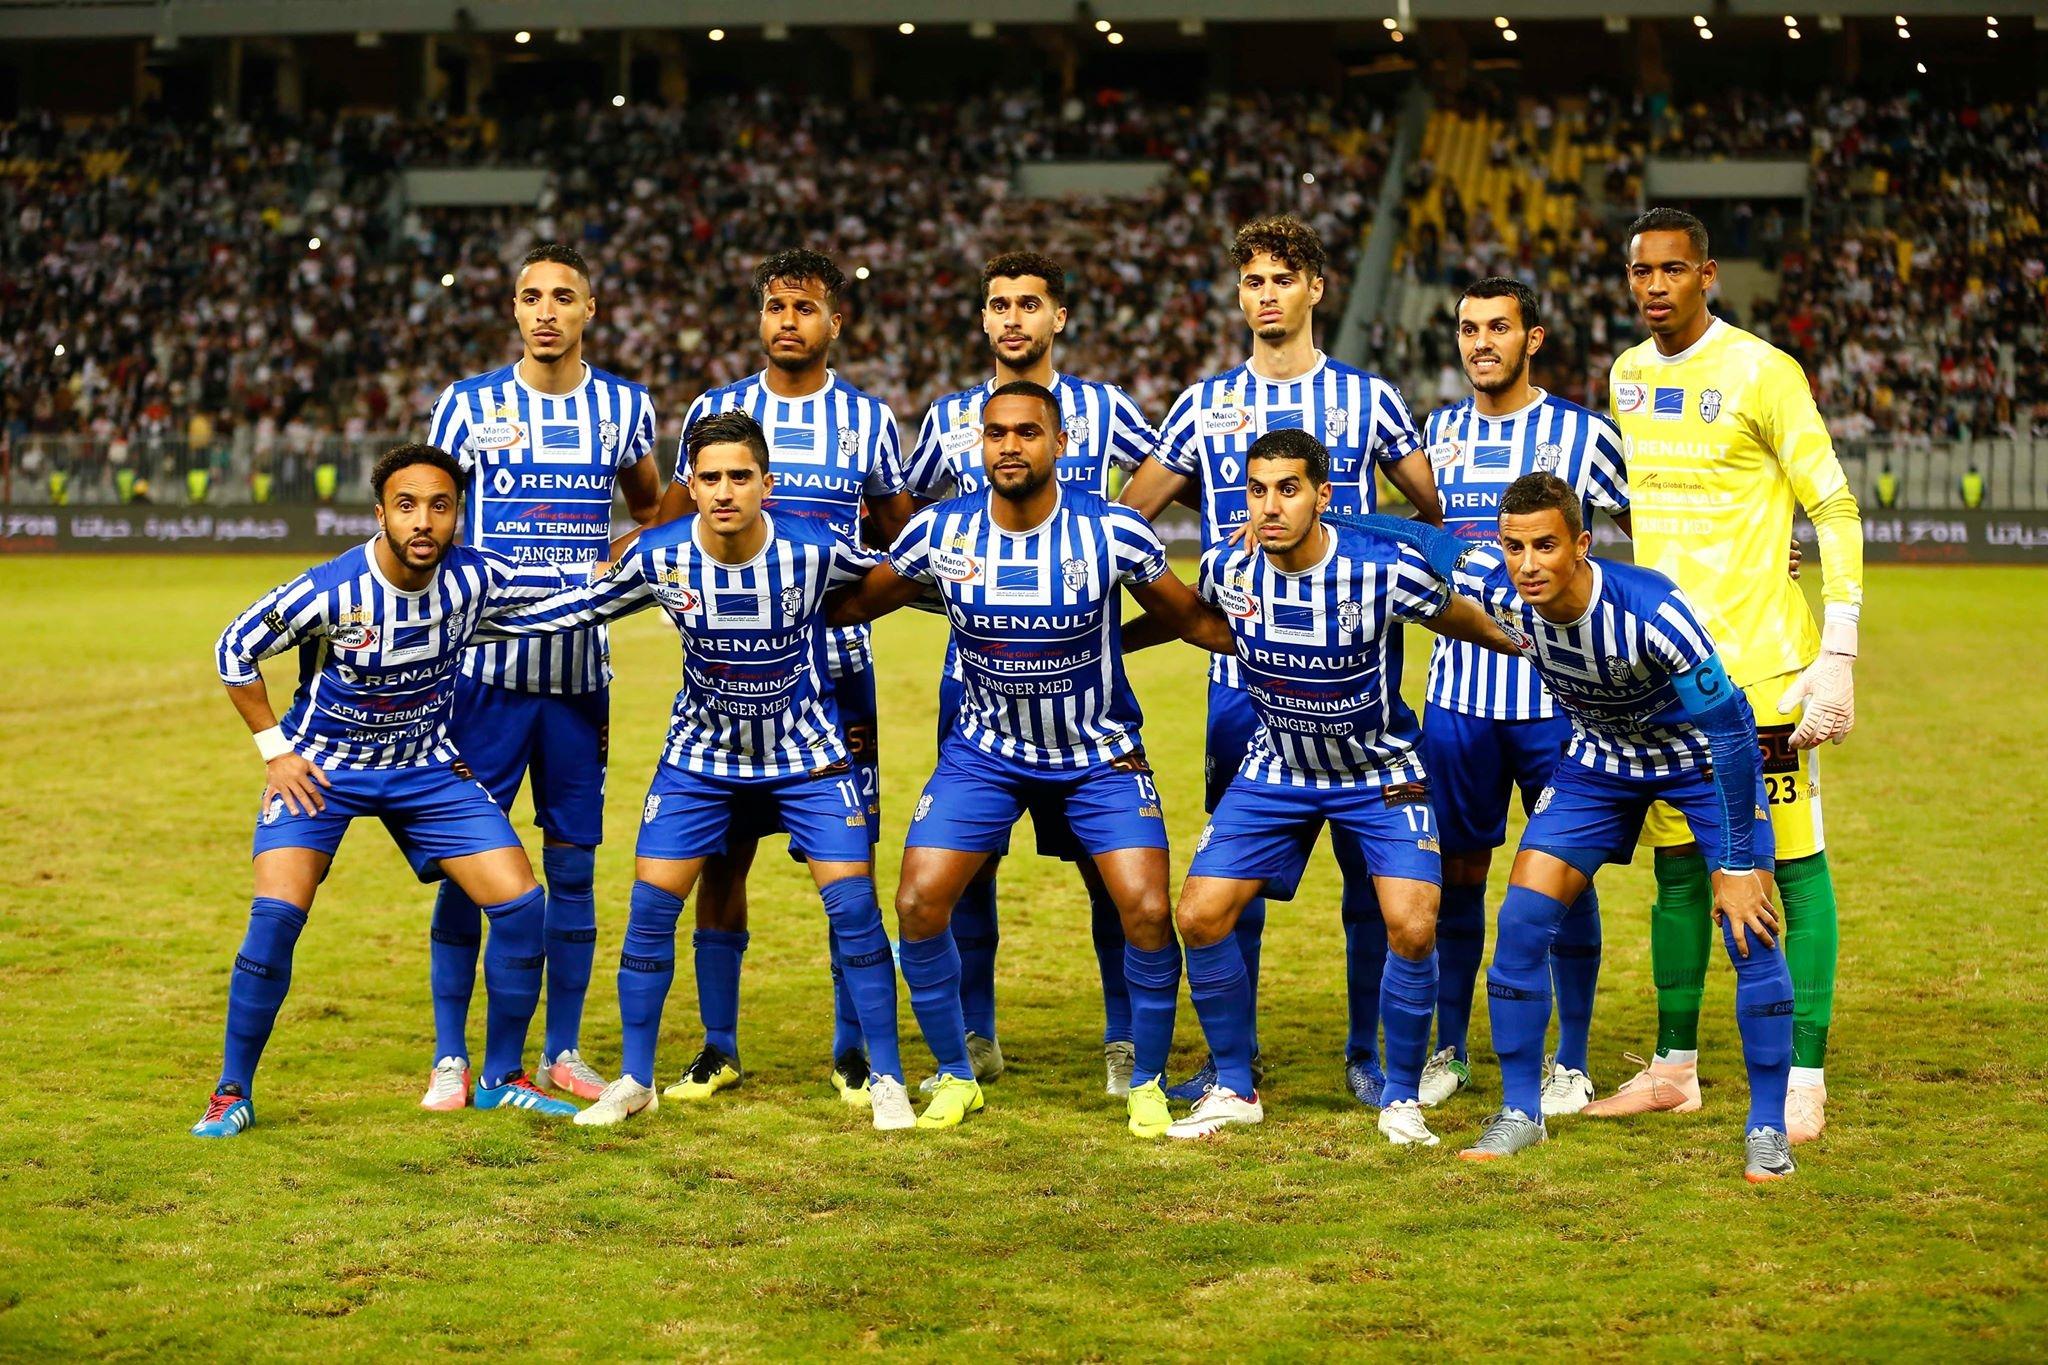 صورة اتحاد طنجة يفسخ عقود لاعبين أجانب ويعير الثالث